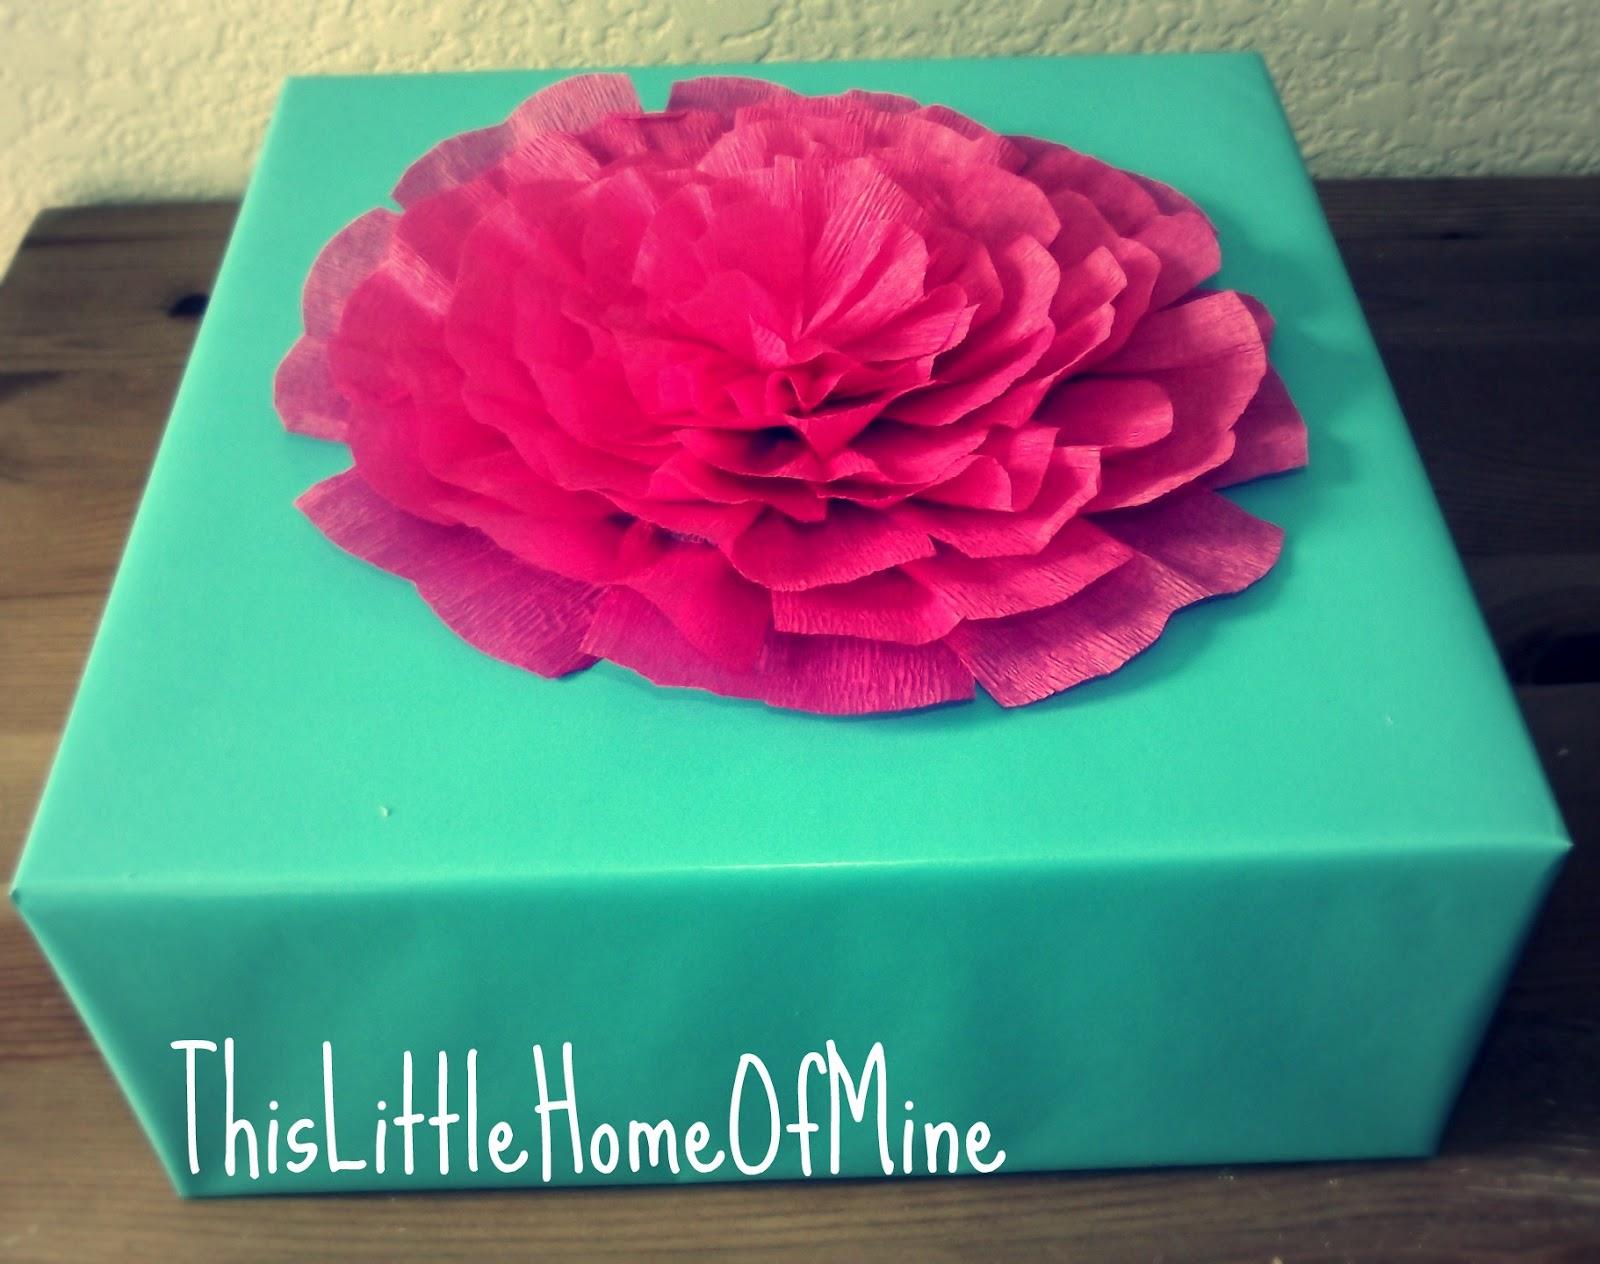 http://1.bp.blogspot.com/-UYjd7LzmmCo/T17GBnjlhqI/AAAAAAAAAfk/OaaiDOE93ug/s1600/PinkFlower.jpg